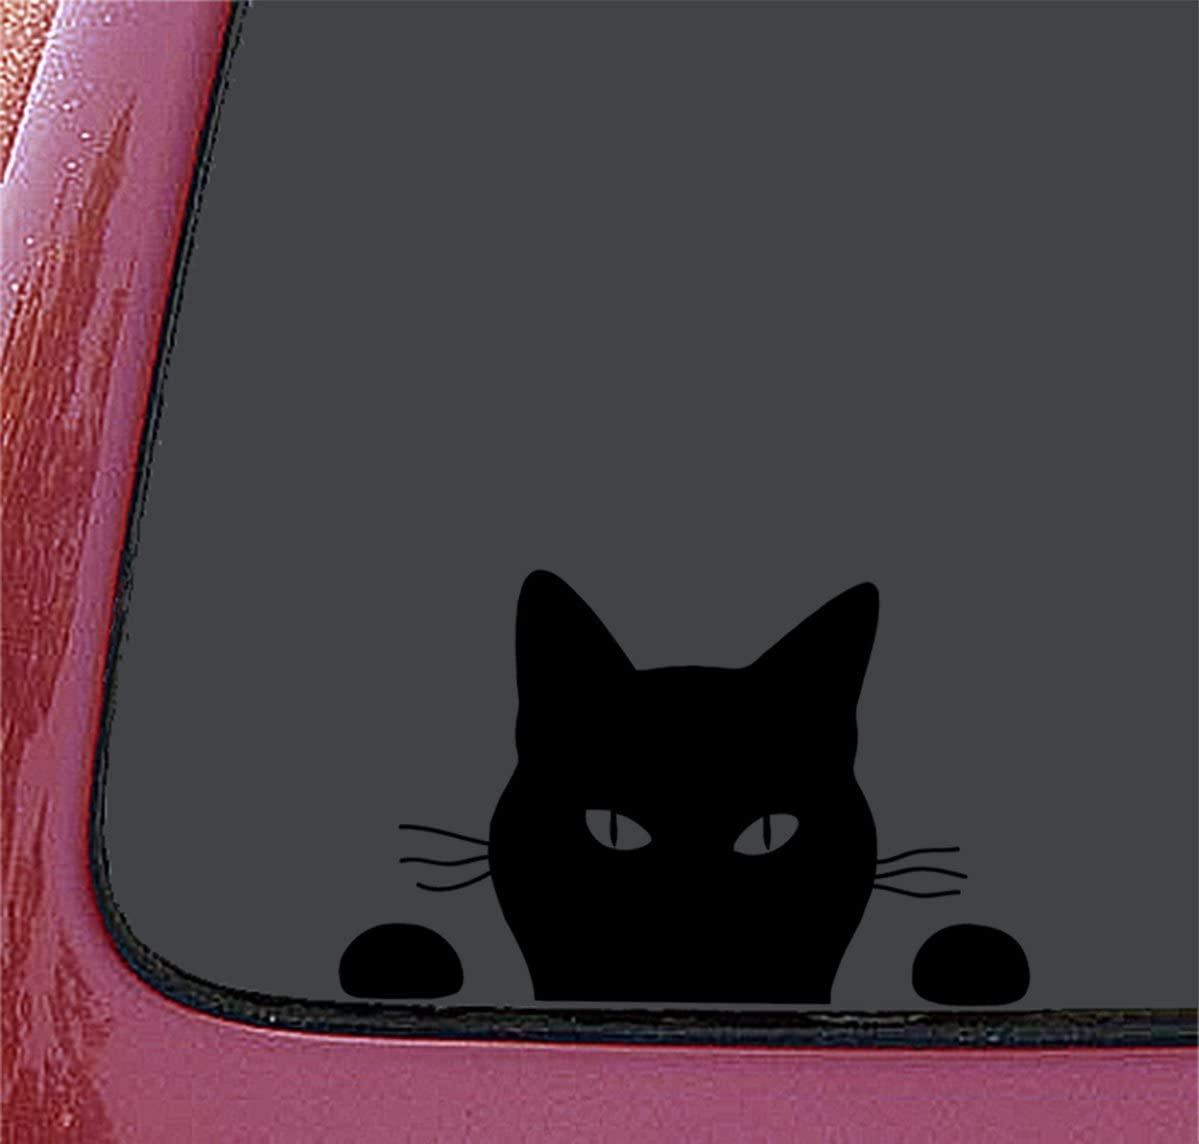 猫が後部座席から後方車を覗いているように見えるイラストの車用ステッカー「覗き見る猫」